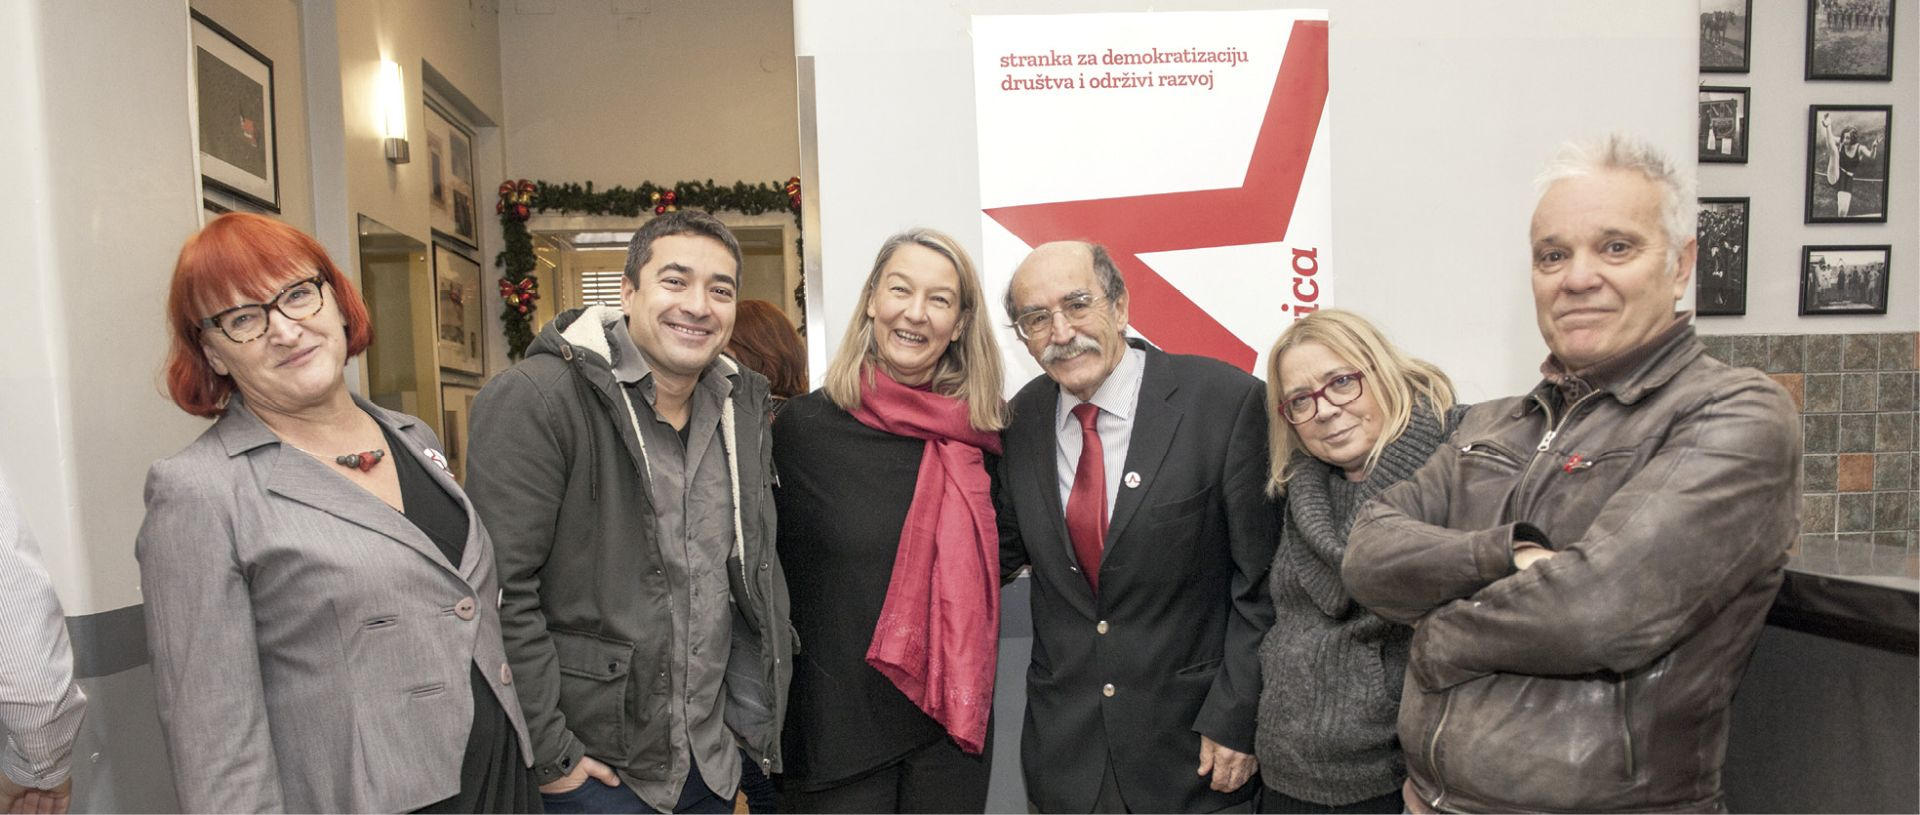 Nova ljevica u potrazi za hrvatskom Sirizom